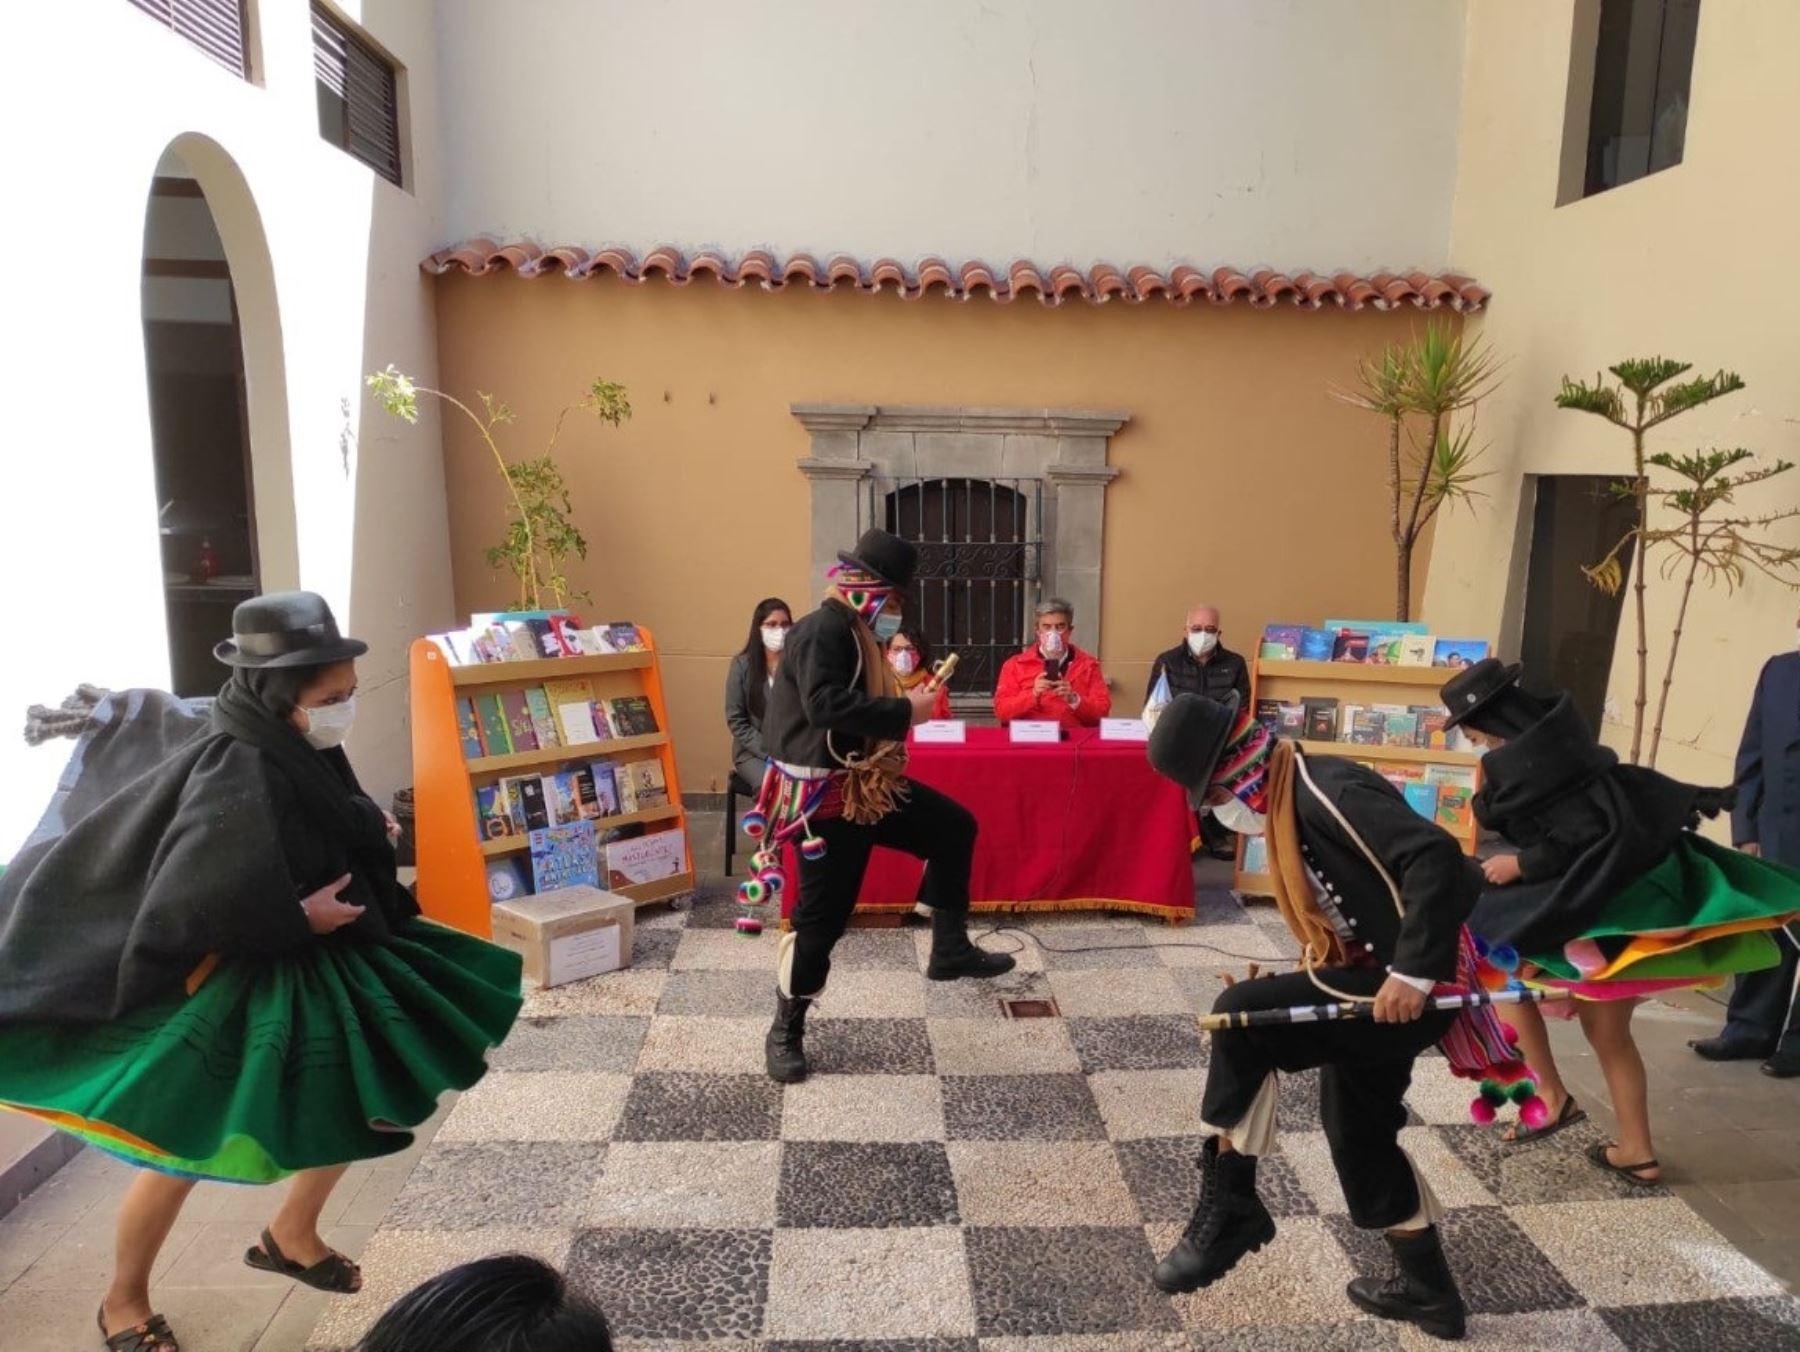 Ministro de Cultura, Alejandro Neyra, entregó libros y mobiliario en Puno, como parte de la campaña Perú Lee, que beneficiará a niños y jóvenes de esa región. ANDINA/Difusión